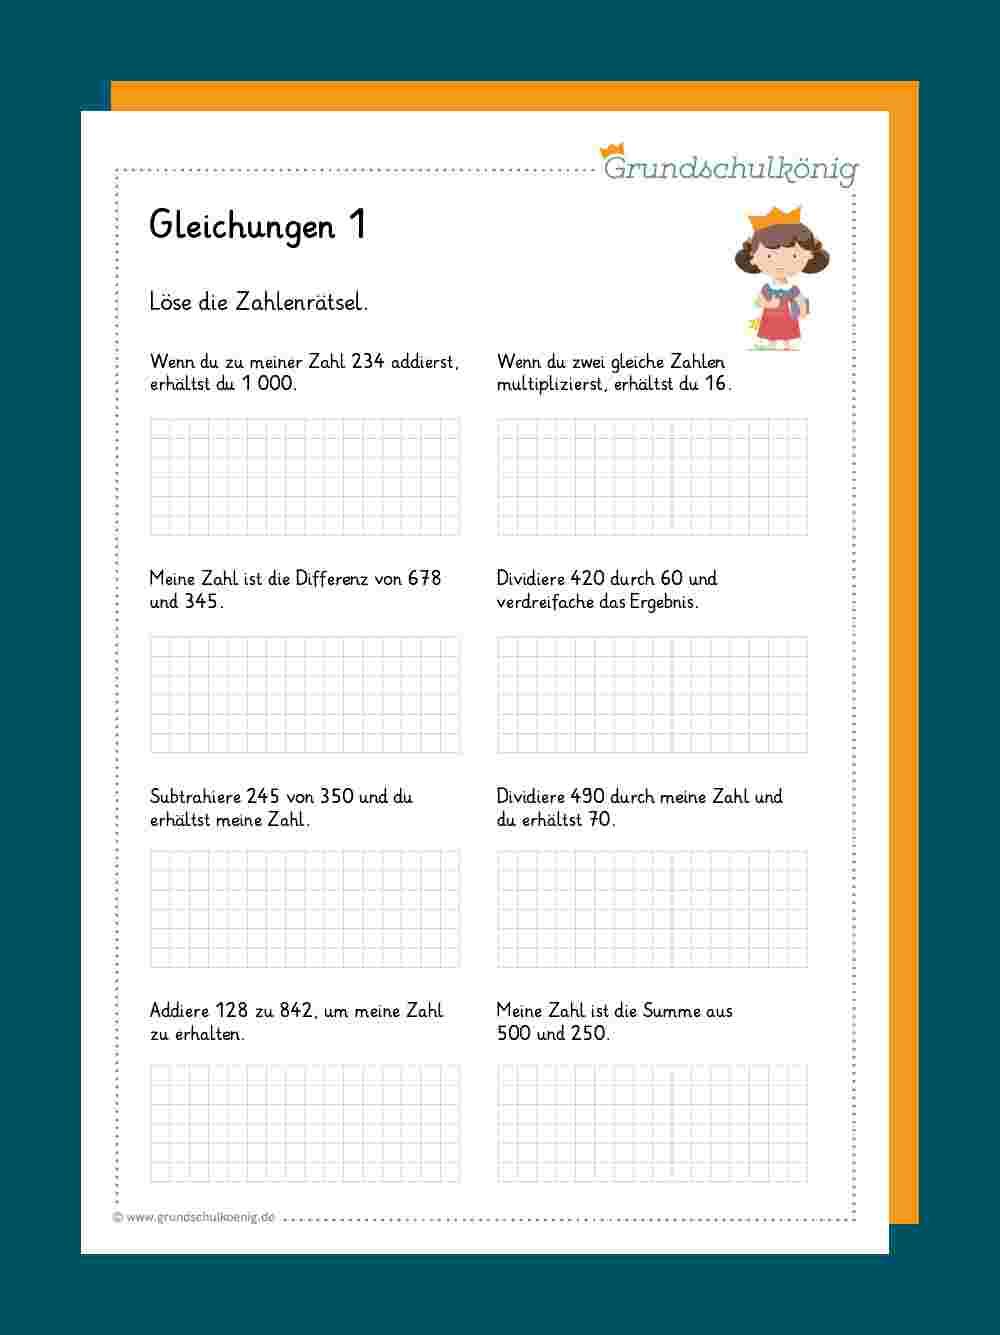 Gleichungen / Zahlenrätsel